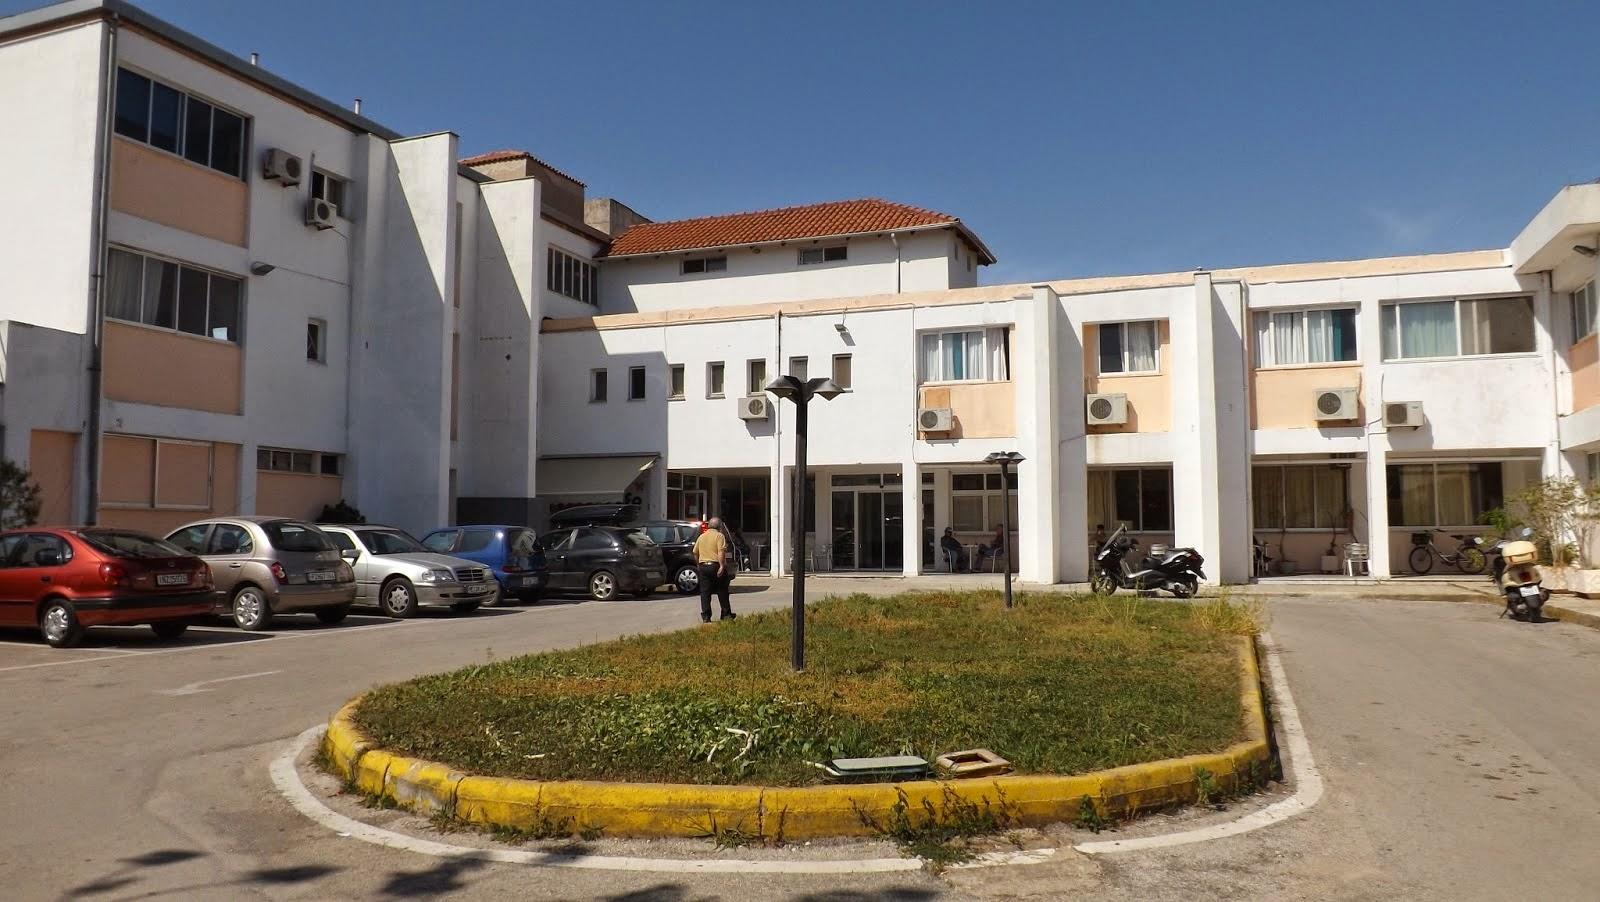 Σημαντική βελτίωση στον στελεχιακό εμπλουτισμό και τις υποδομές του Νοσοκομείου Πρέβεζας